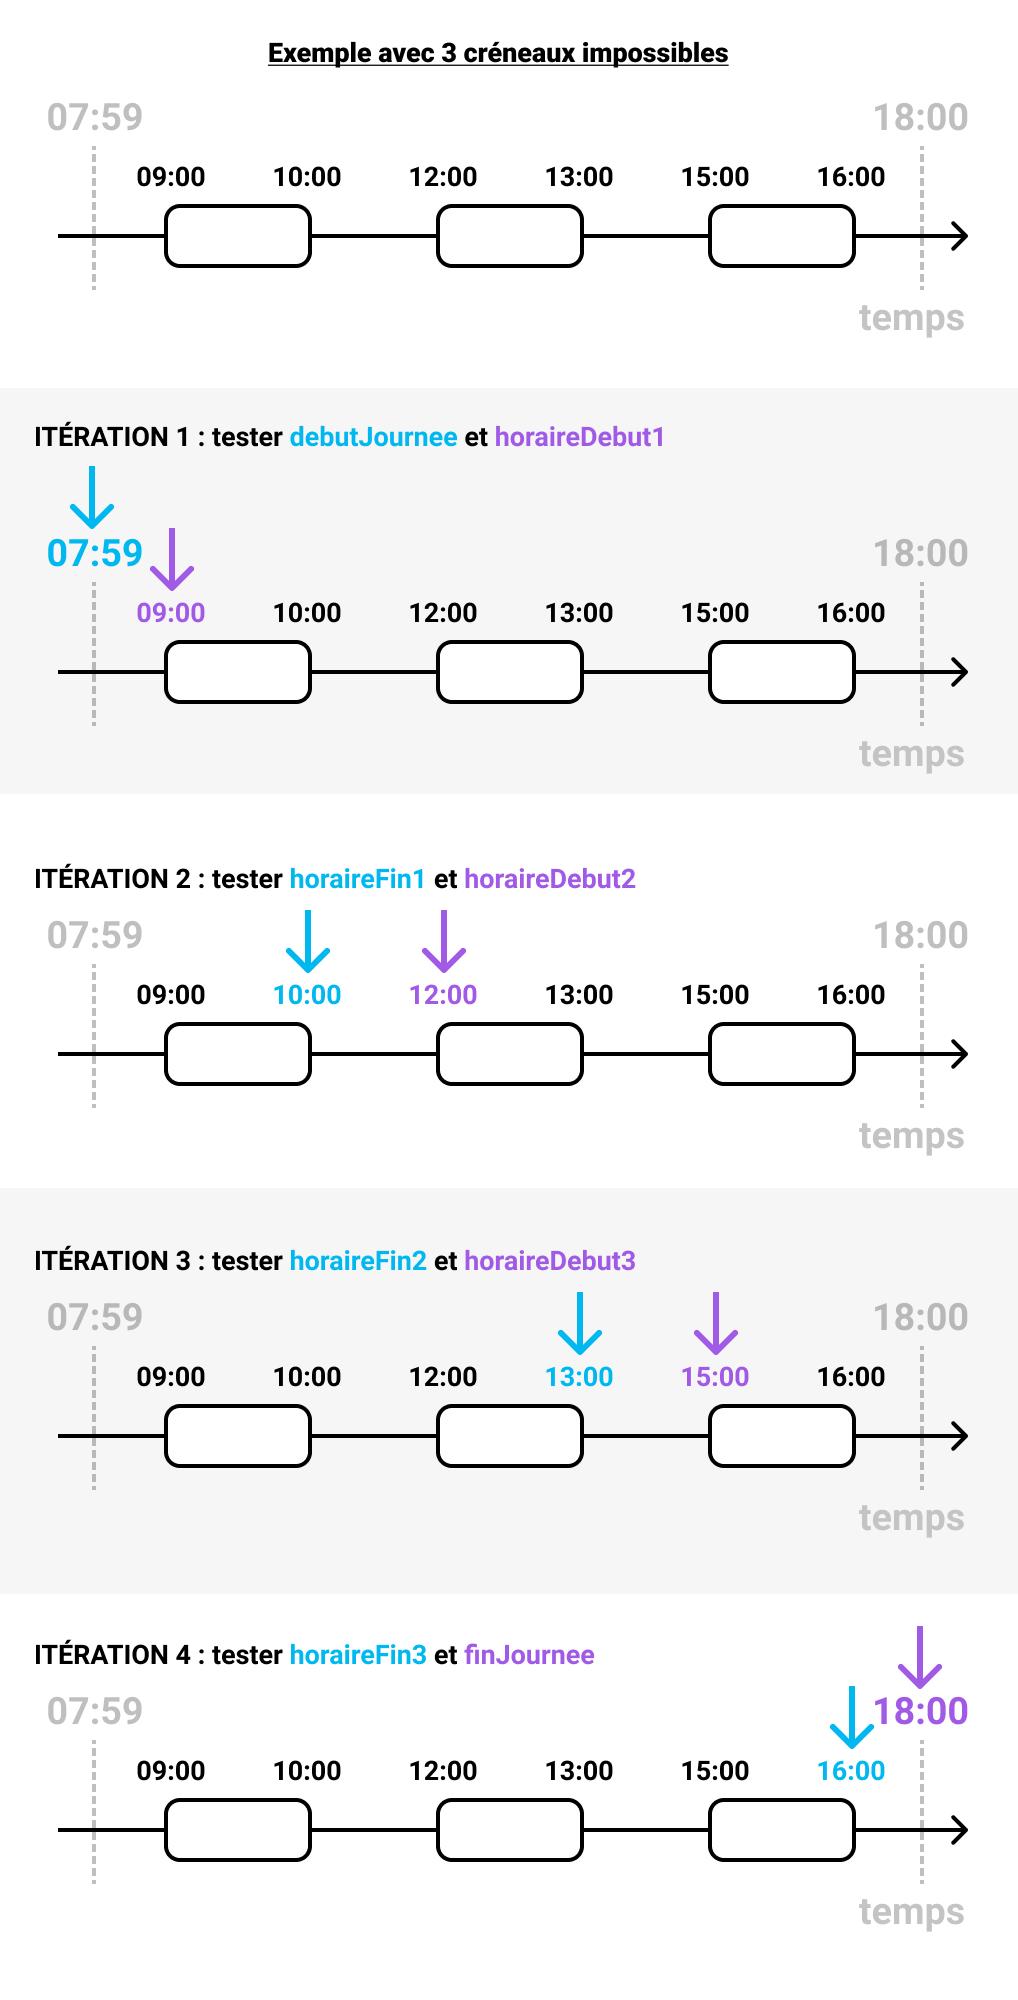 visualisation des comparaisons à effectuer pour 3 créneaux